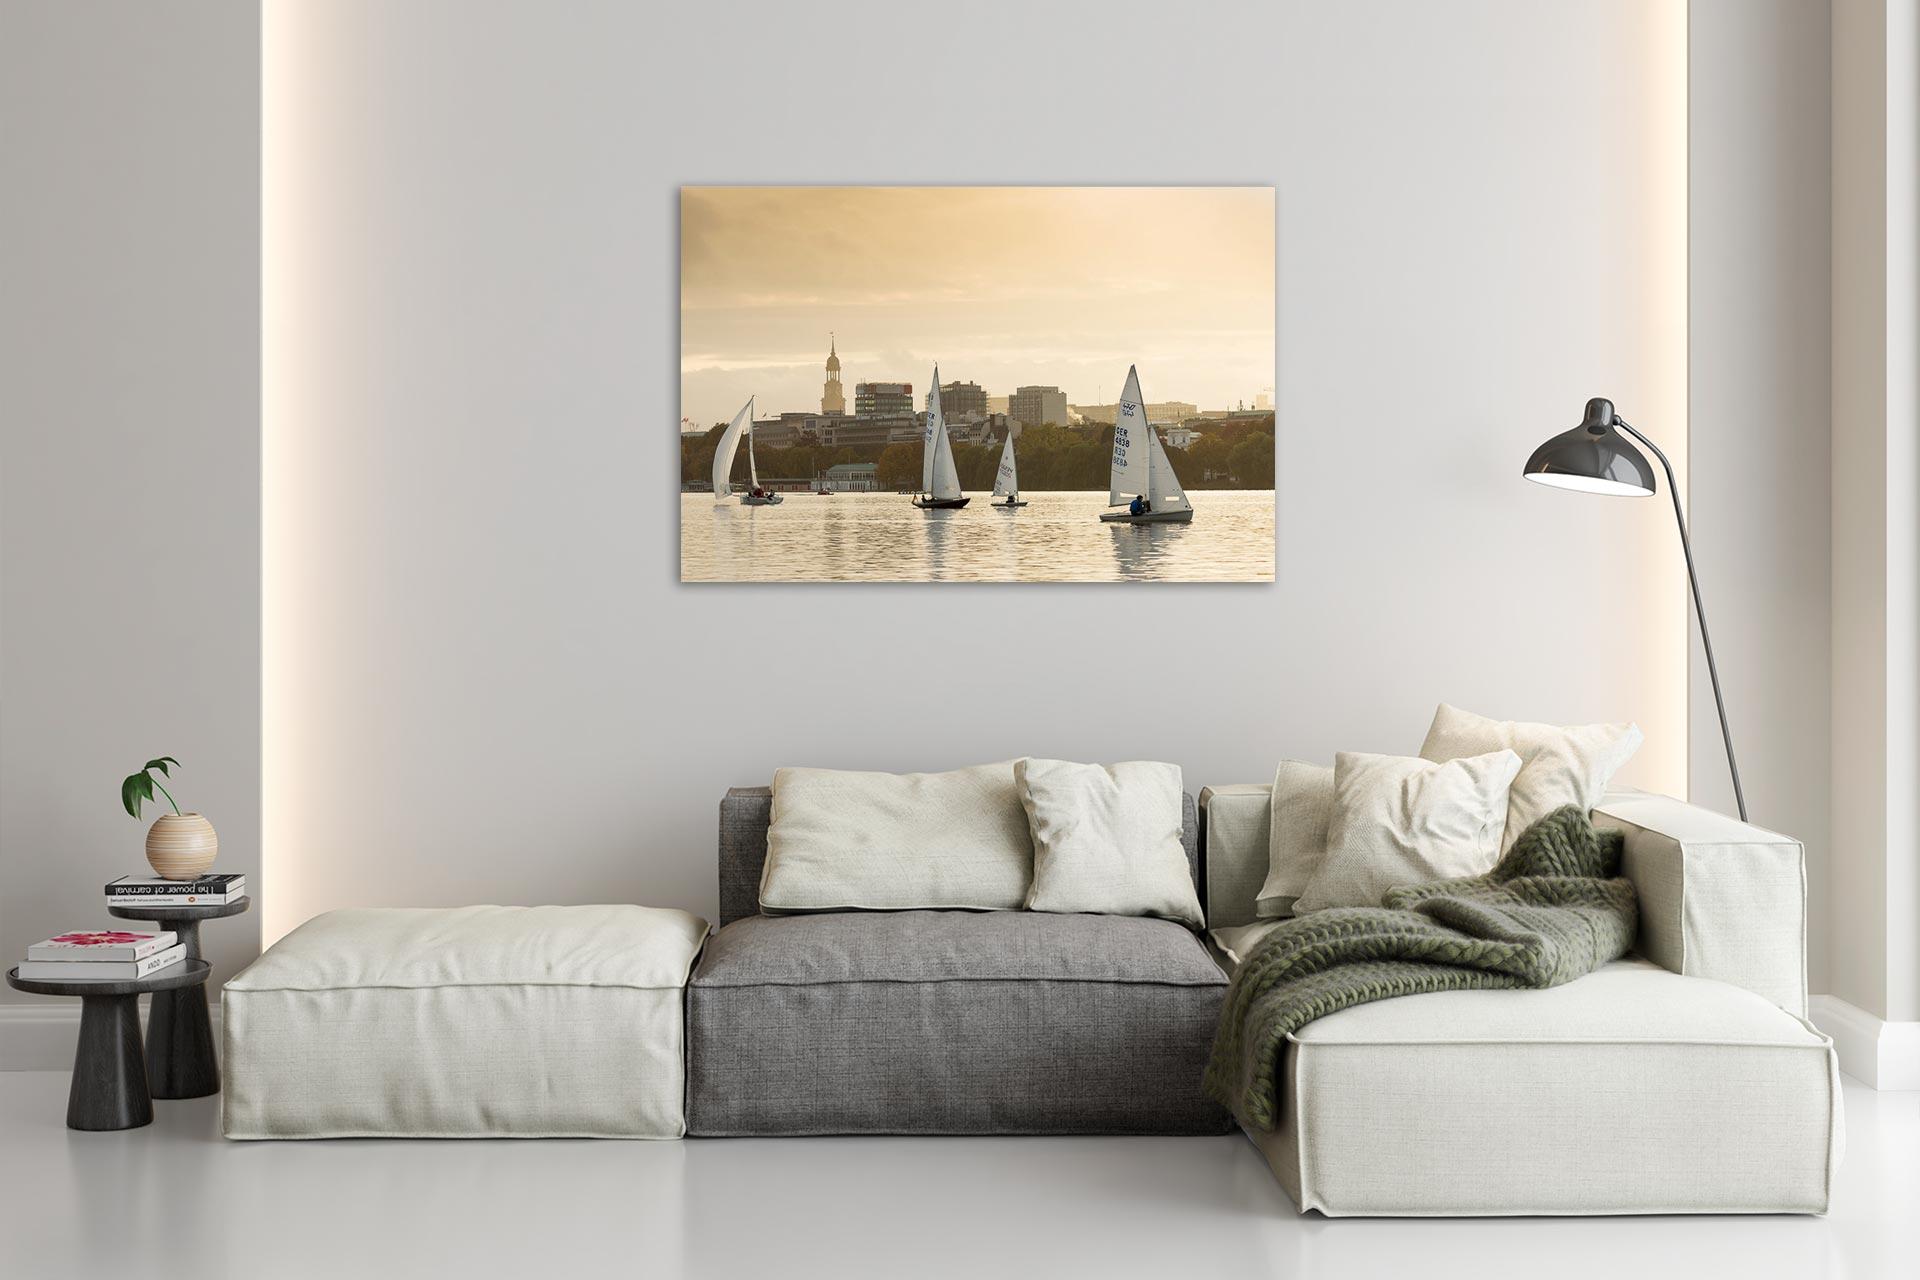 JS045-alster-2-wandbild-bild-auf-leinwand-acrylglas-aludibond-wohnzimmer